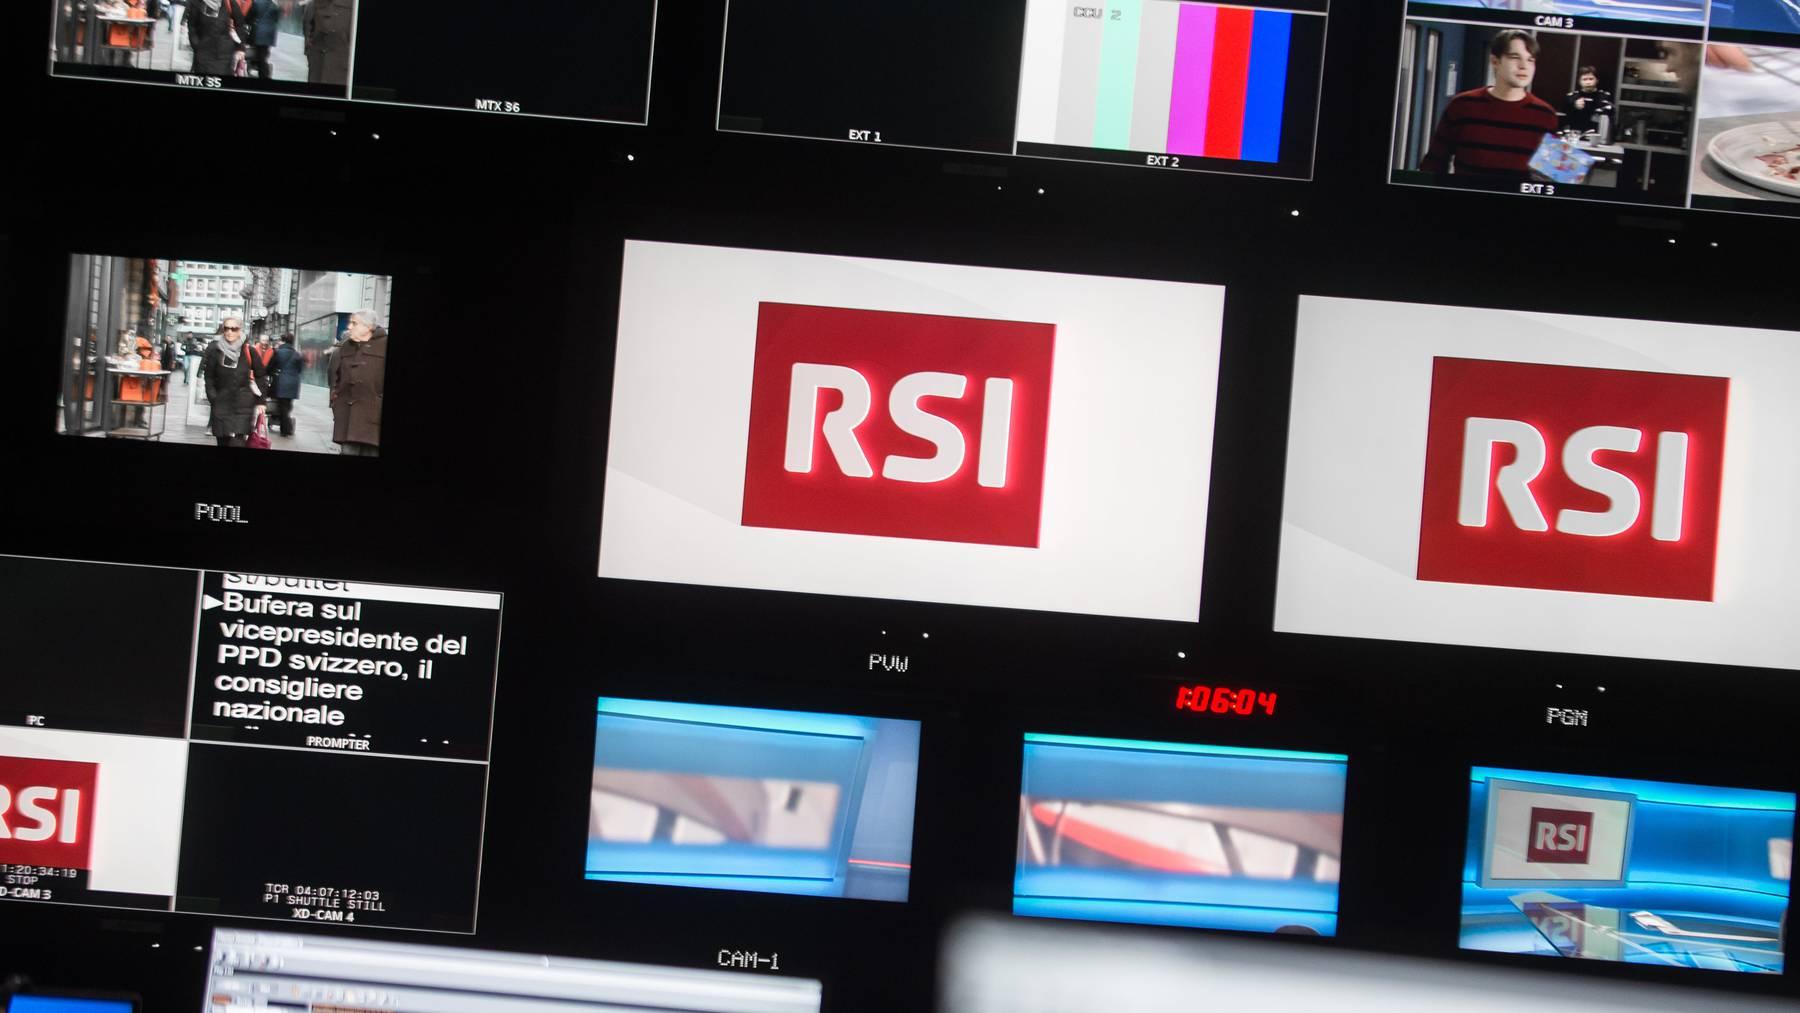 Schlicht vergessen: RSI hat in den eigenen Beiträgen nicht alle Kandidierende für den Tessiner Ständerat vorgestellt.